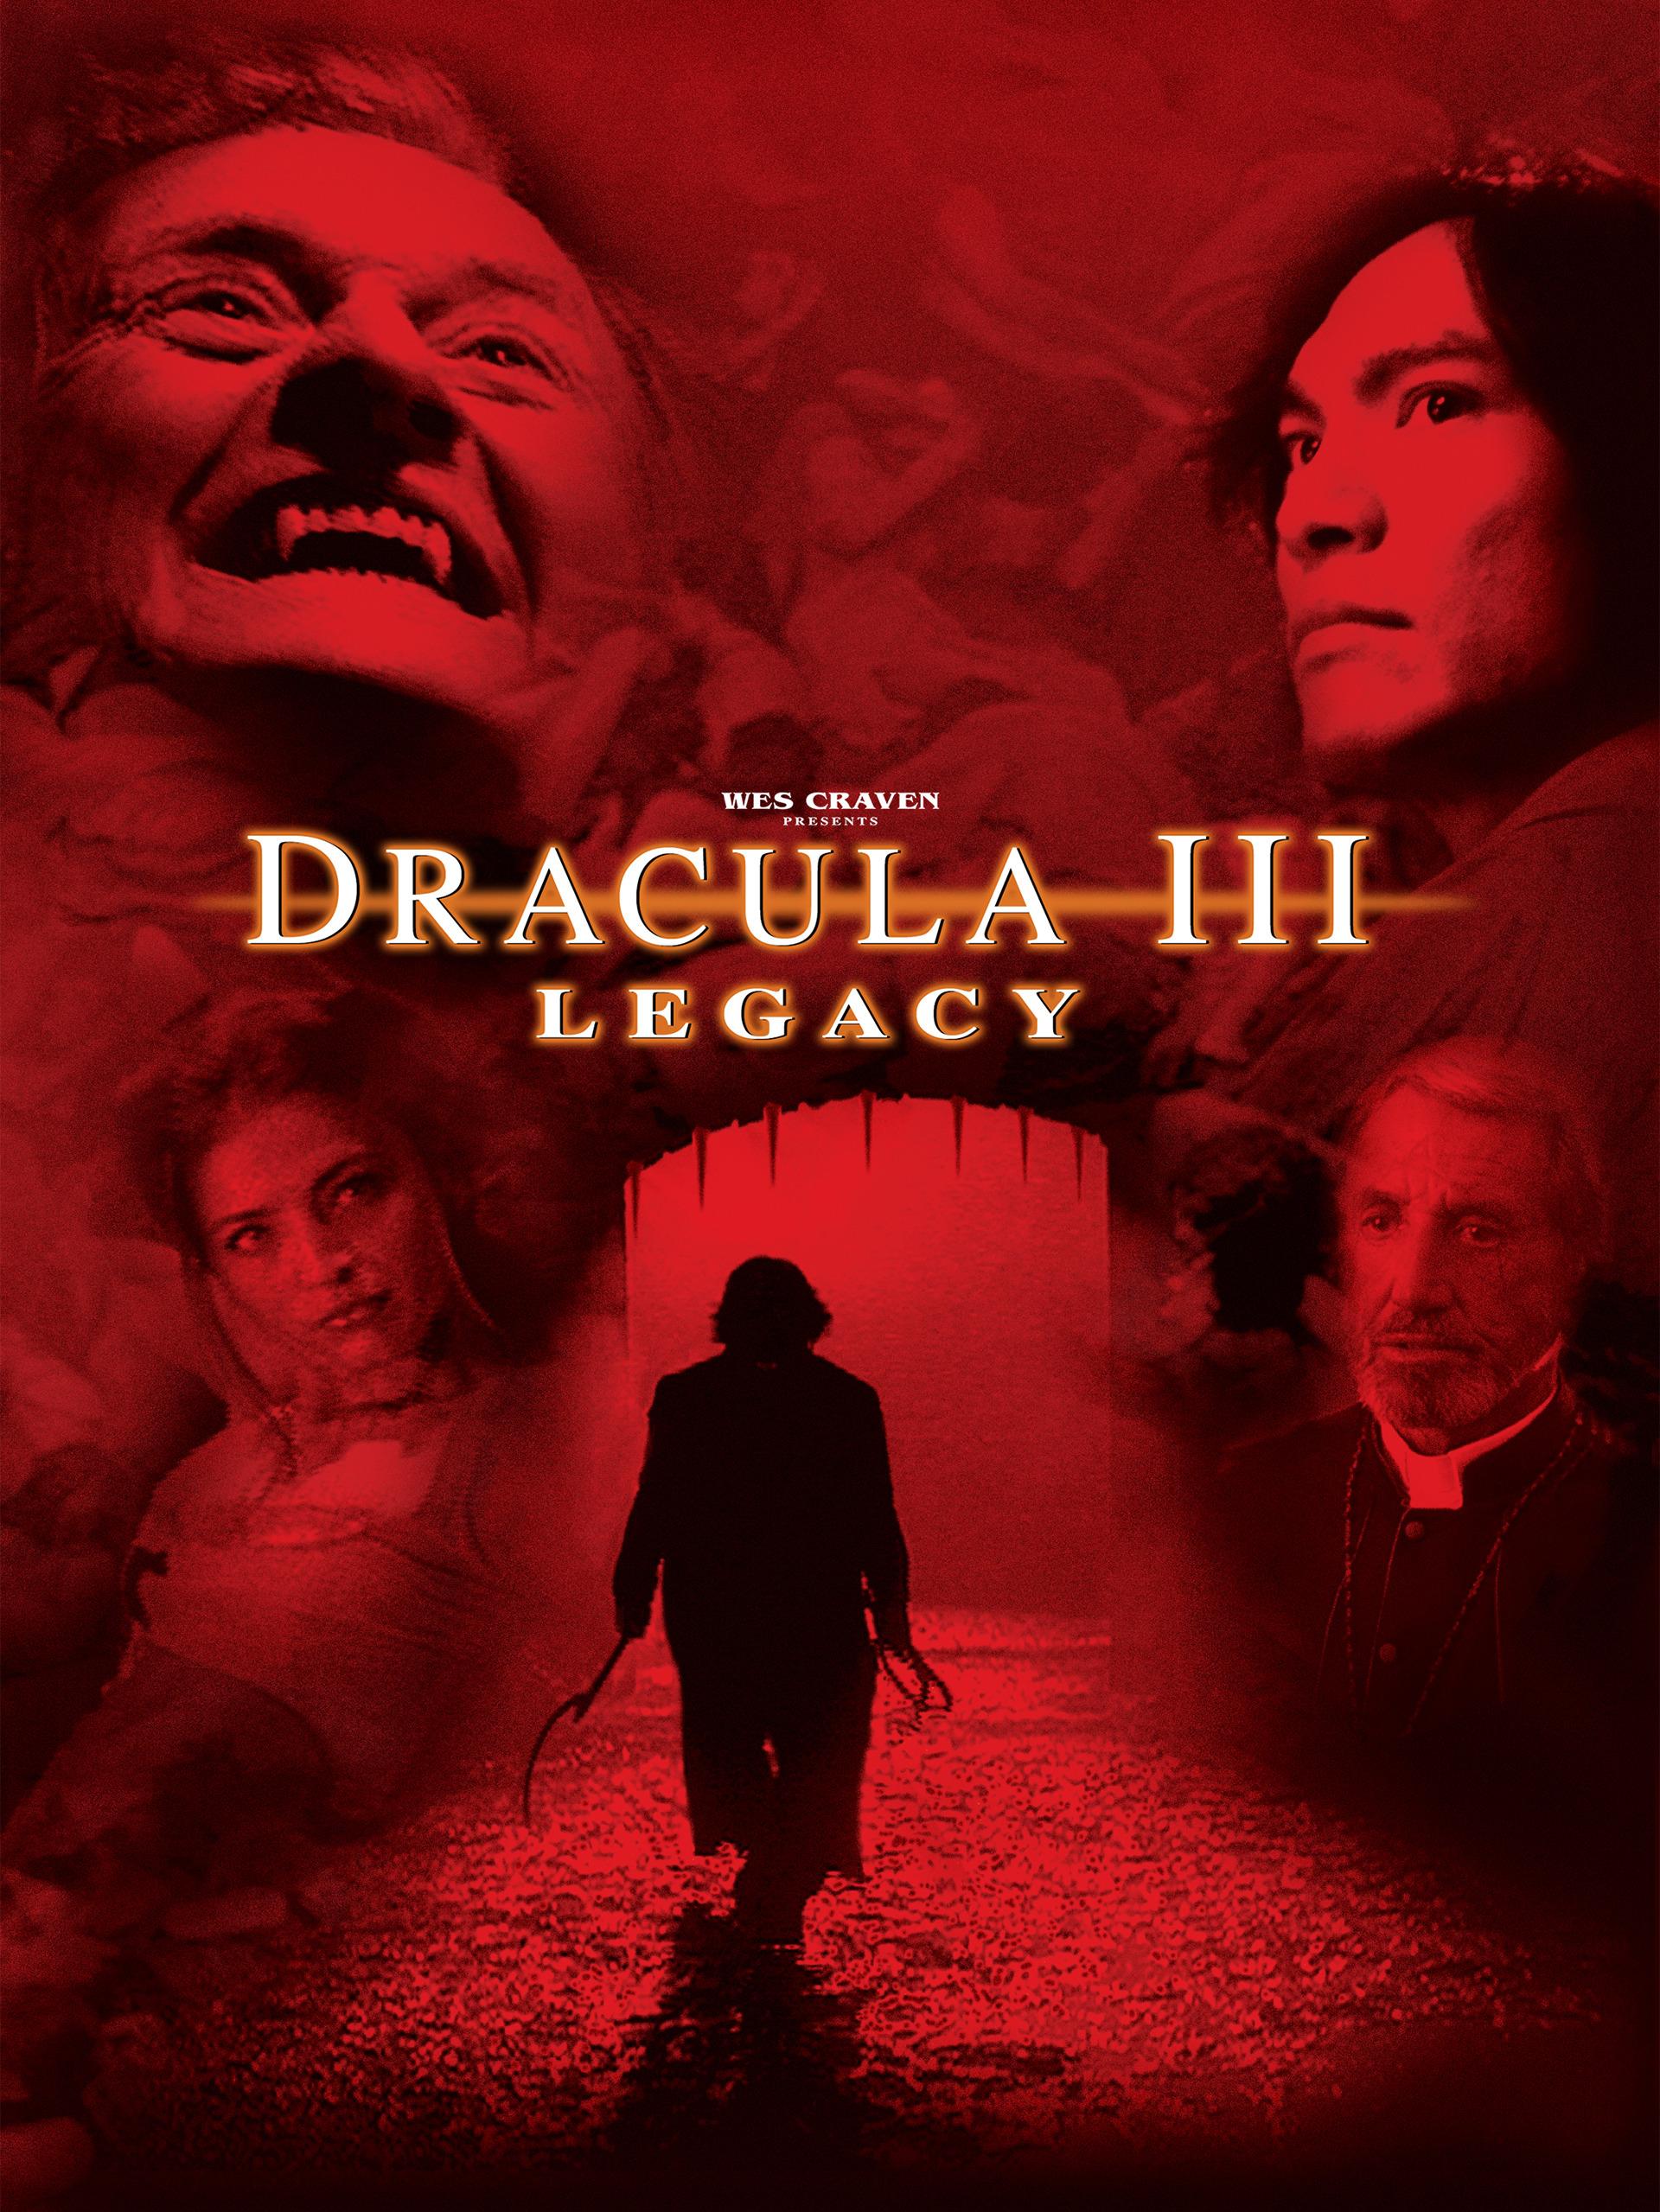 Dracula III: Legacy (2005) Hindi Dubbed